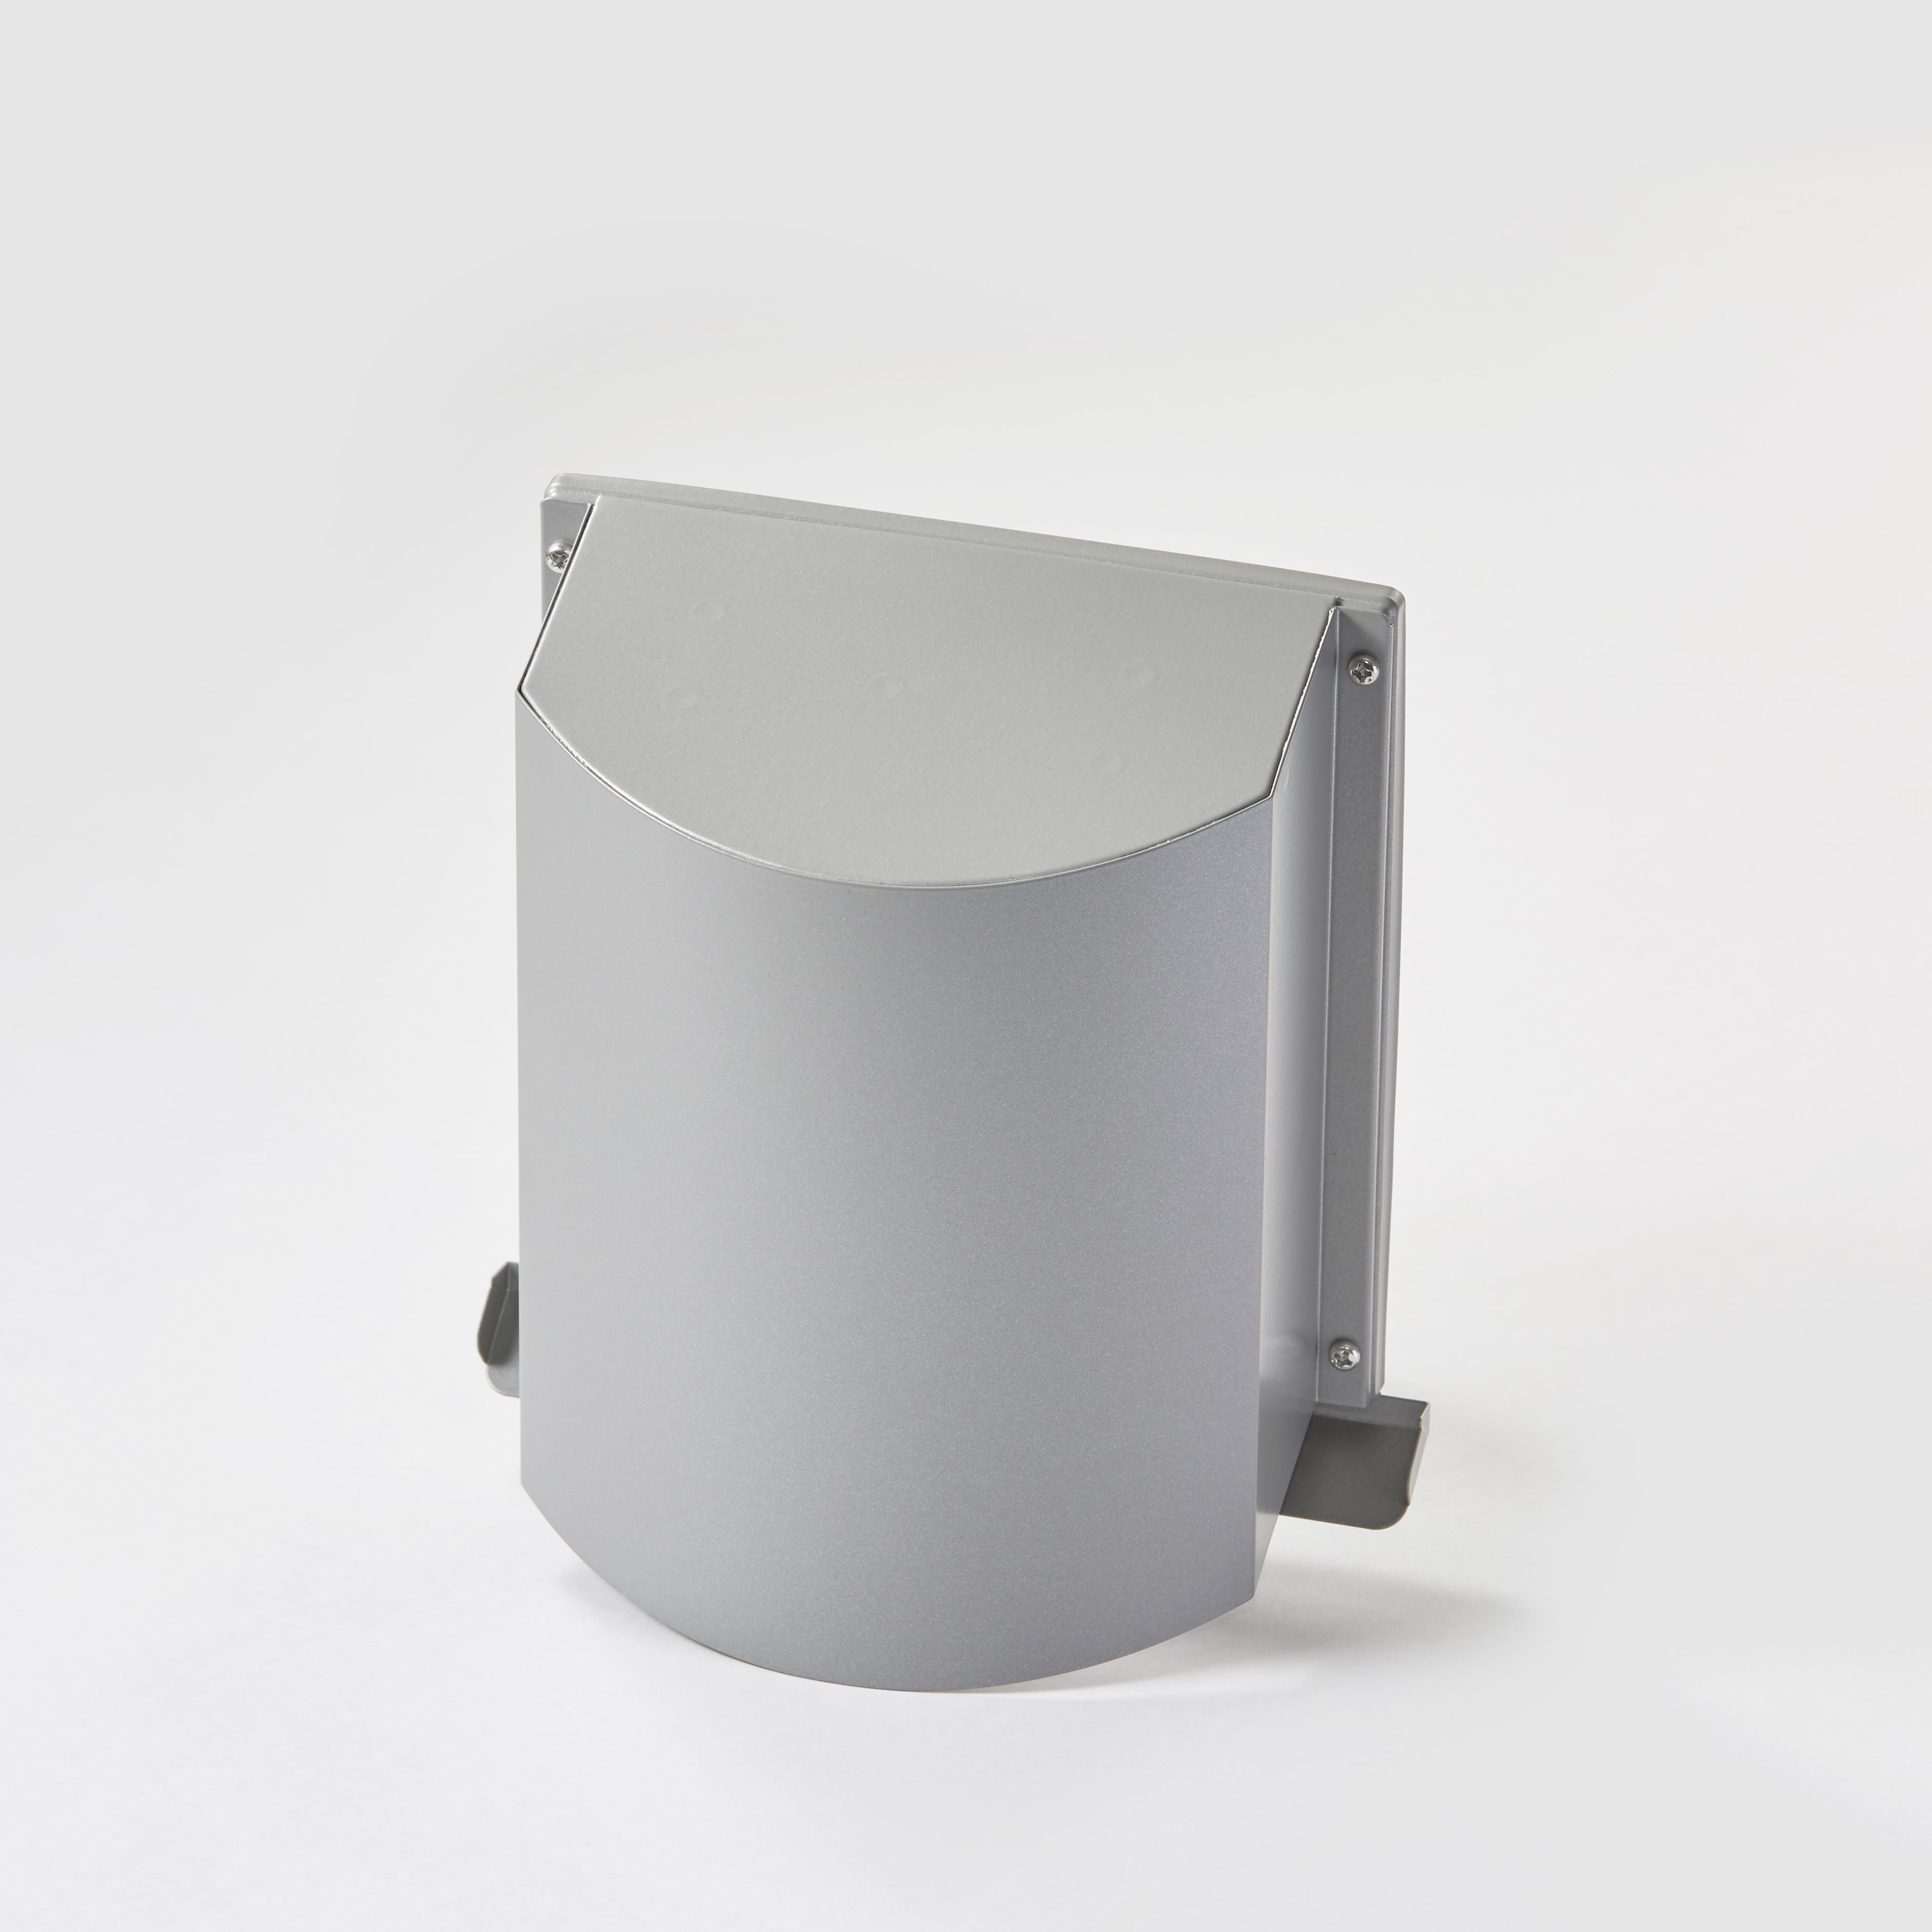 角型寒冷地用デザインフード シルバーメタリック